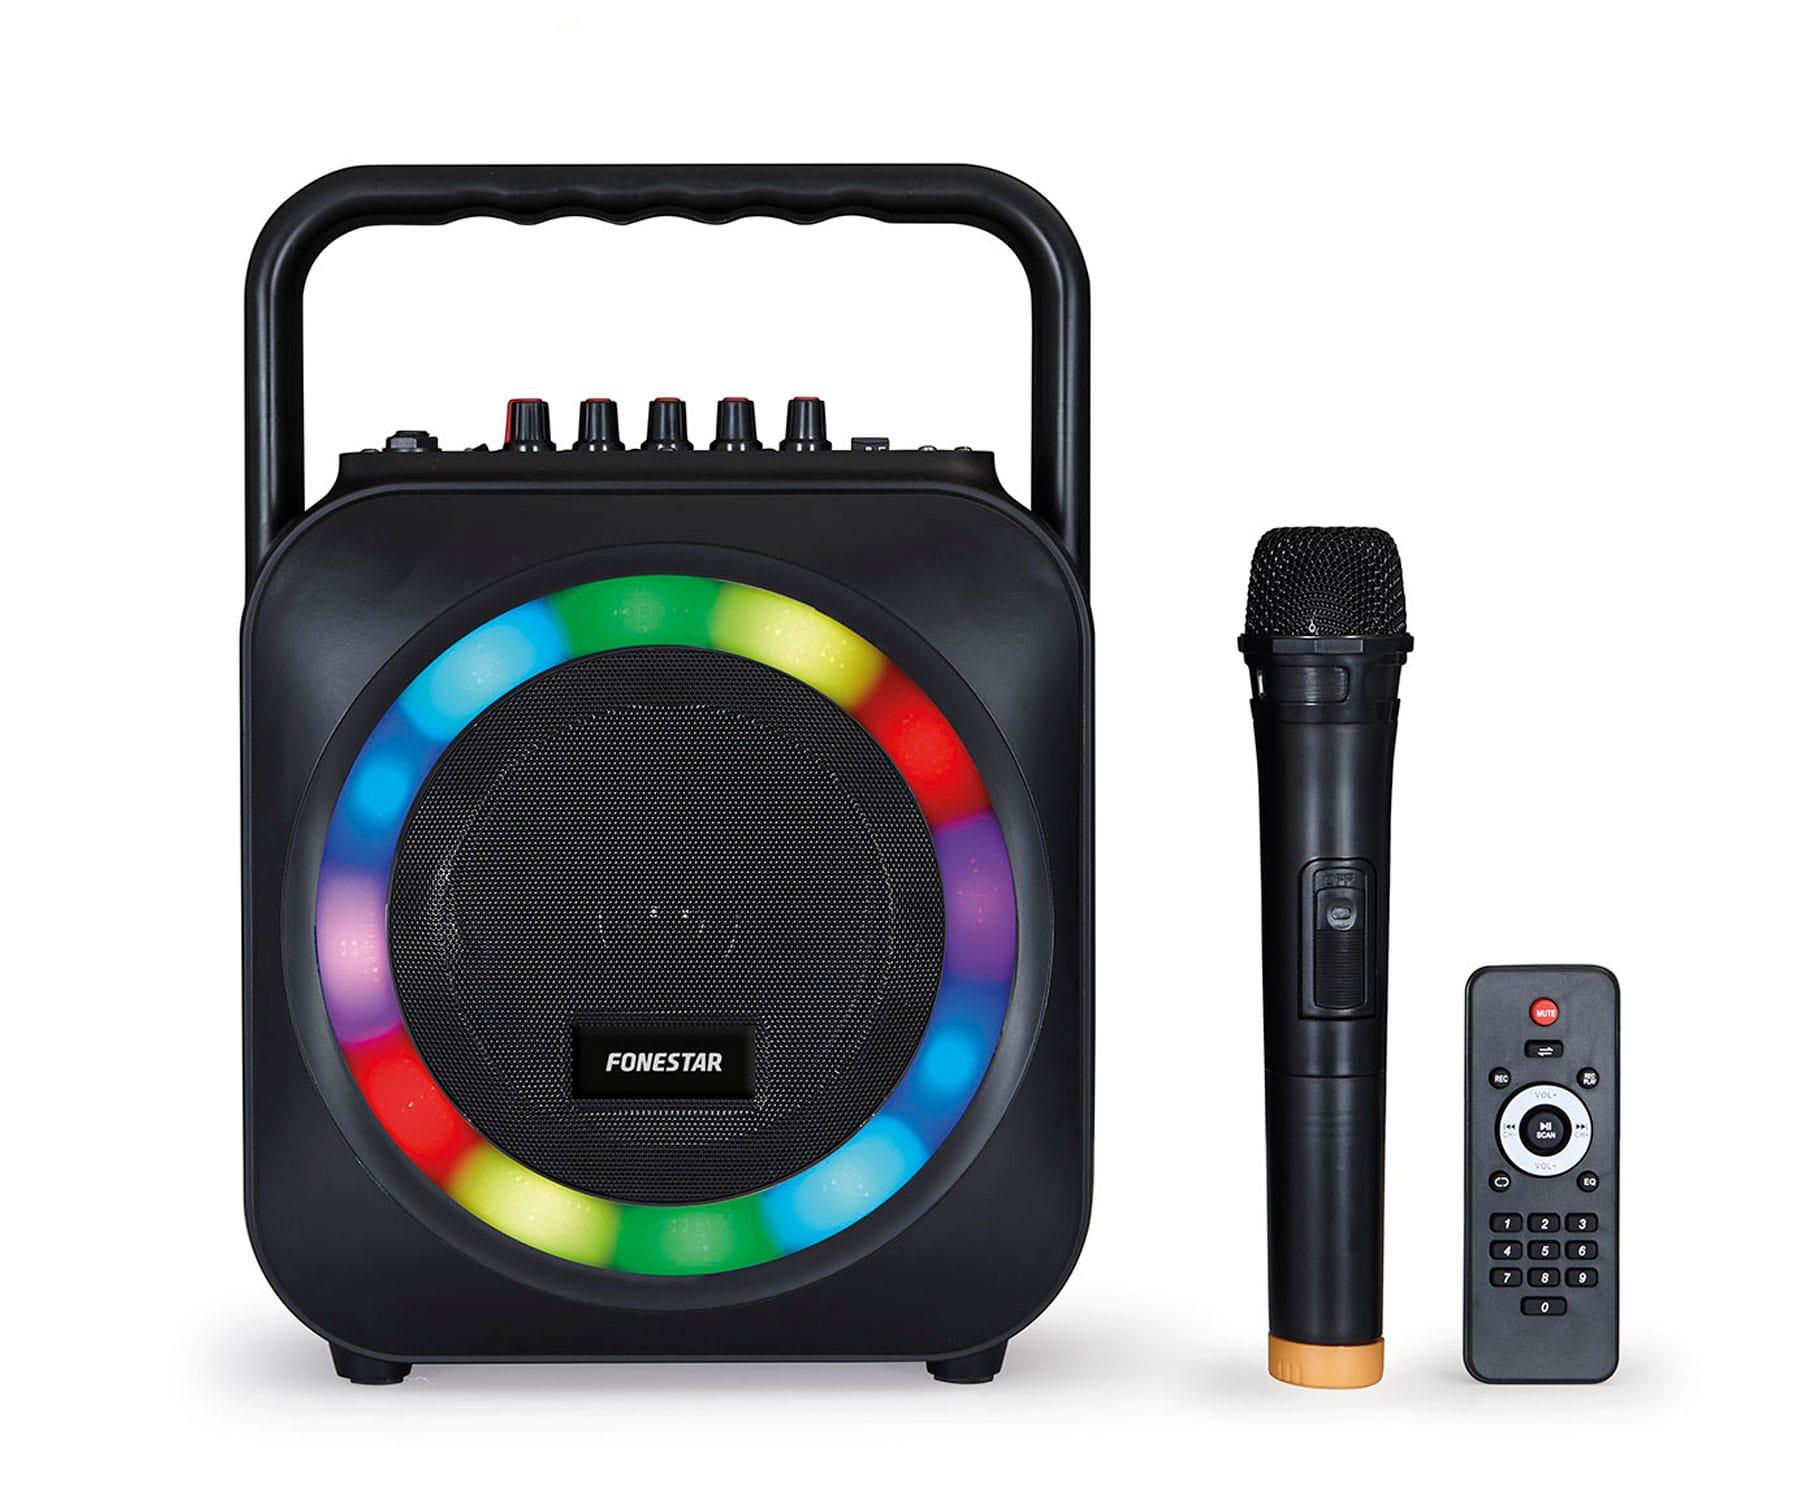 FONESTAR BOX-35LED ALTAVOZ PORTÁTIL KARAOKE BLUETOOTH USB SD LUCES LED